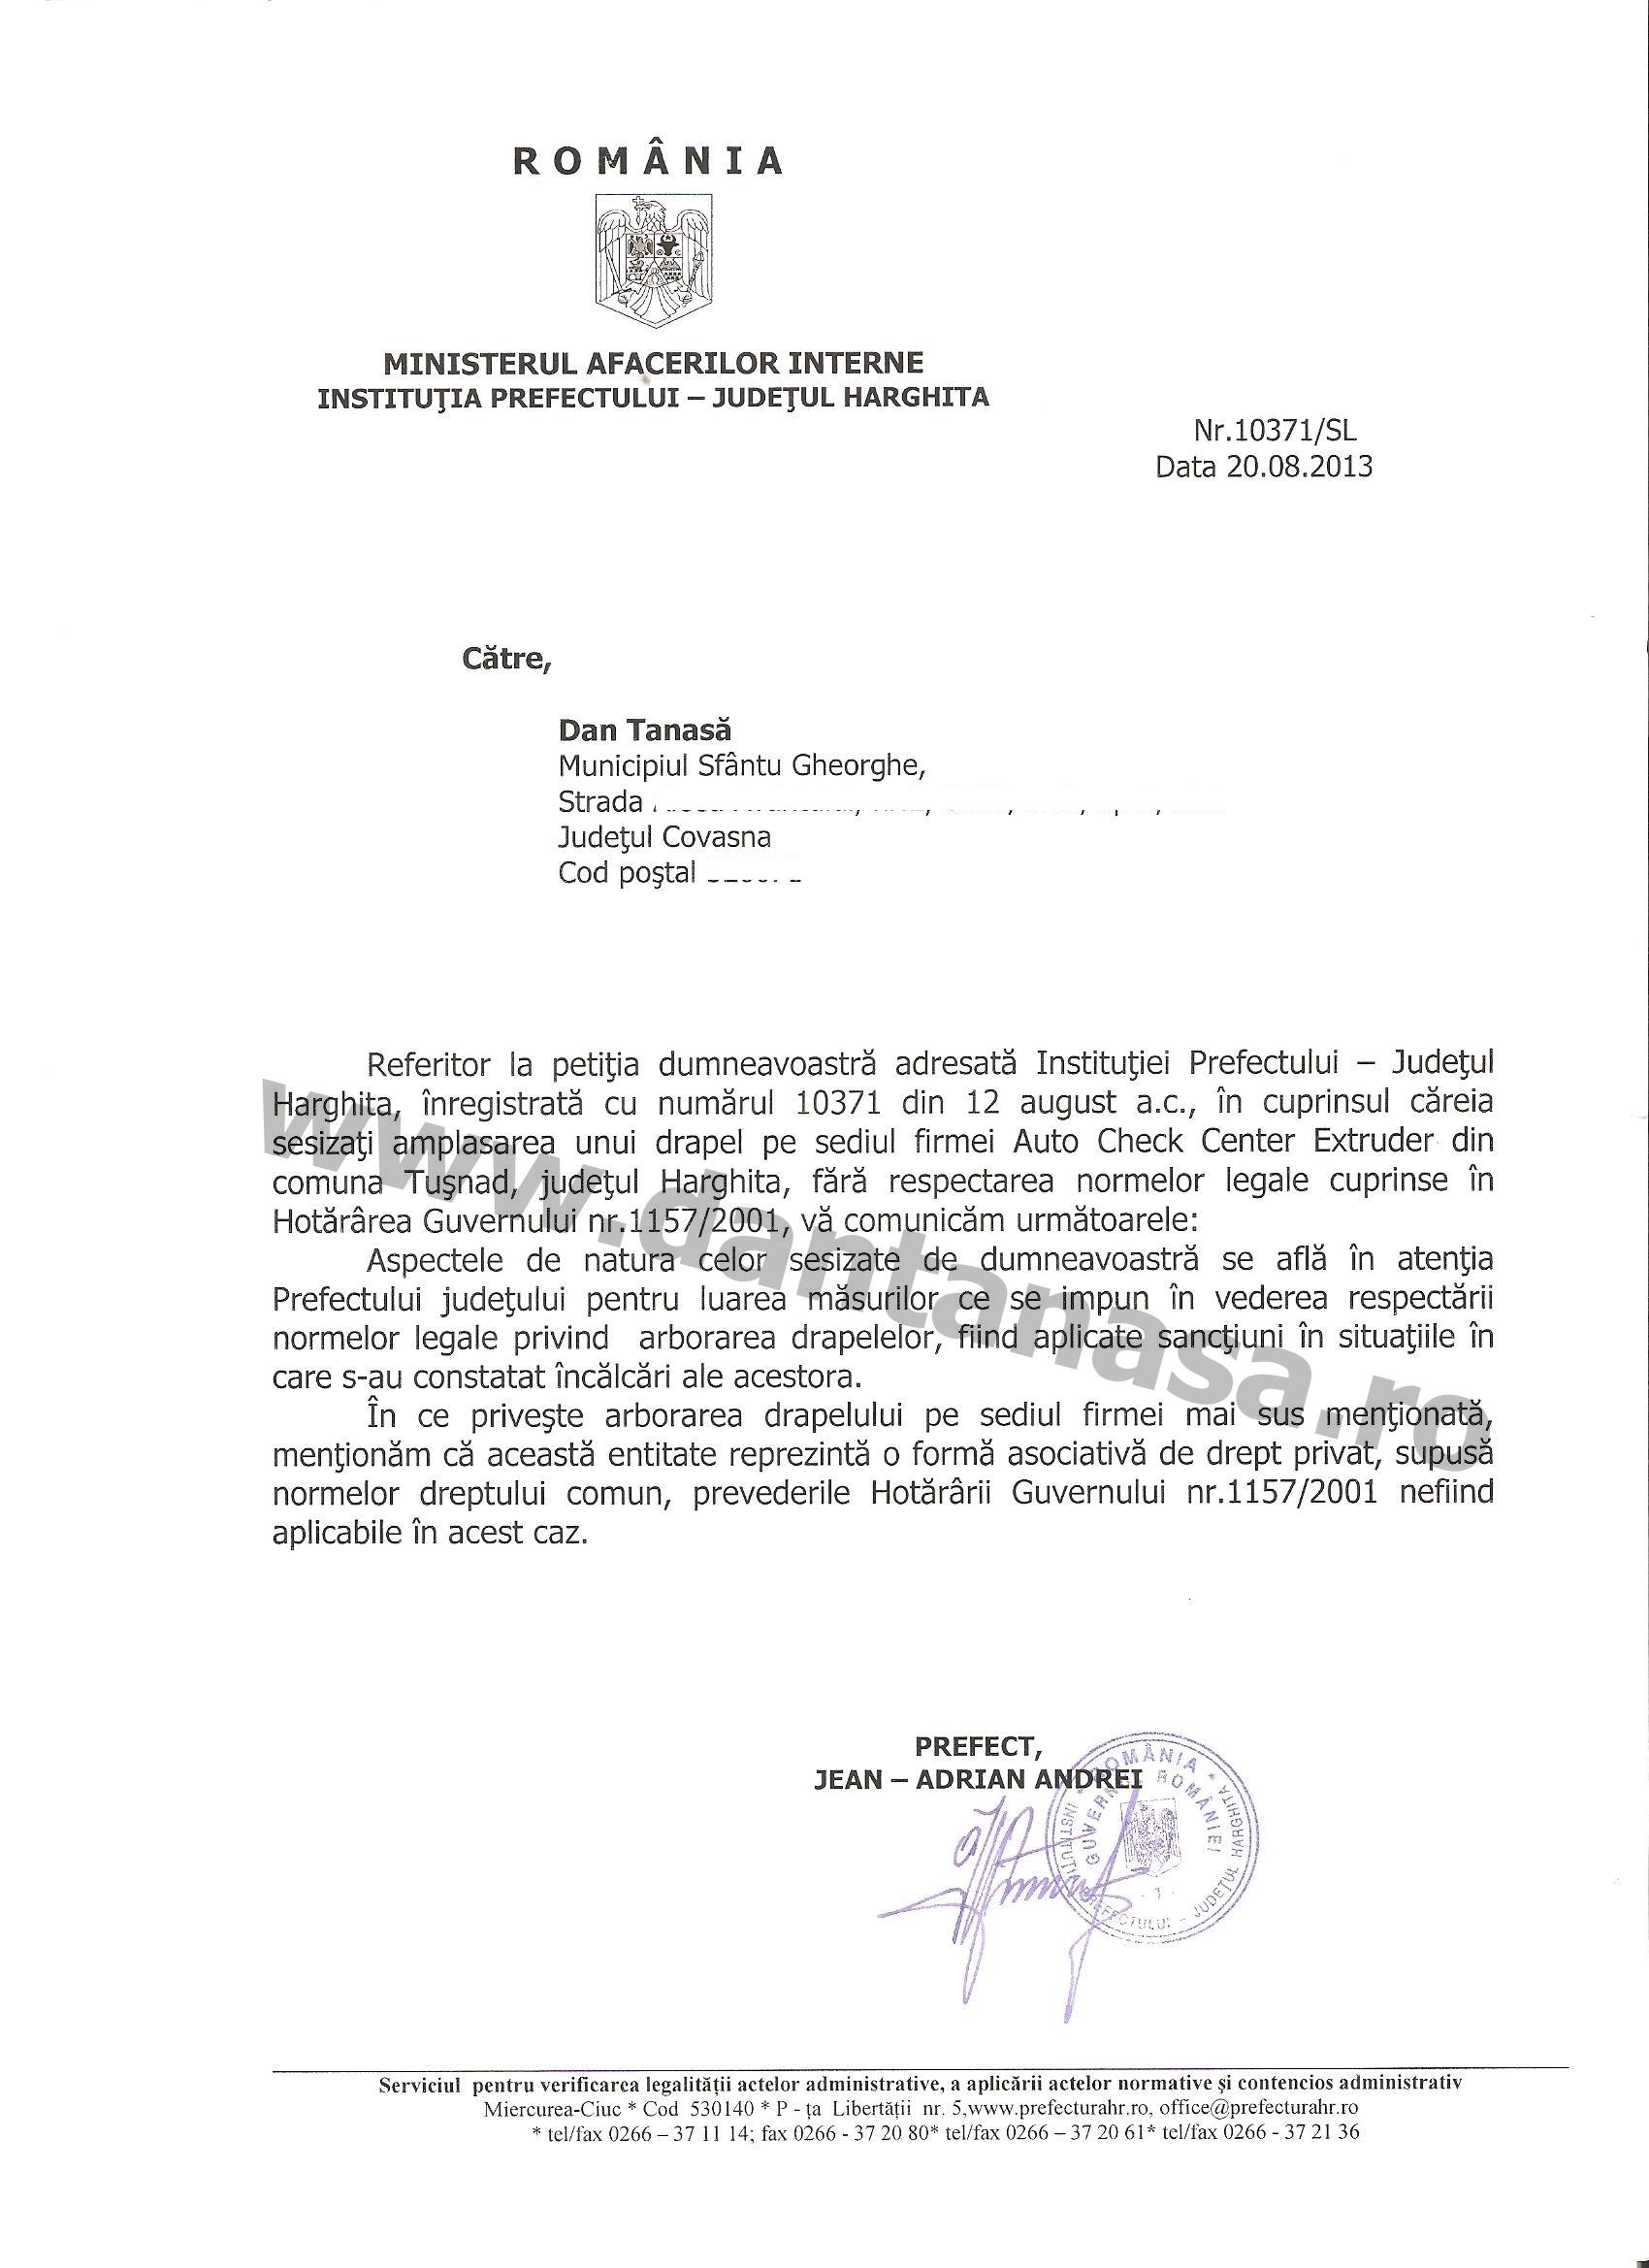 Prefect Harghita Jean-Adrian Andrei refuz drapel Ungaria firma privata Tusnad